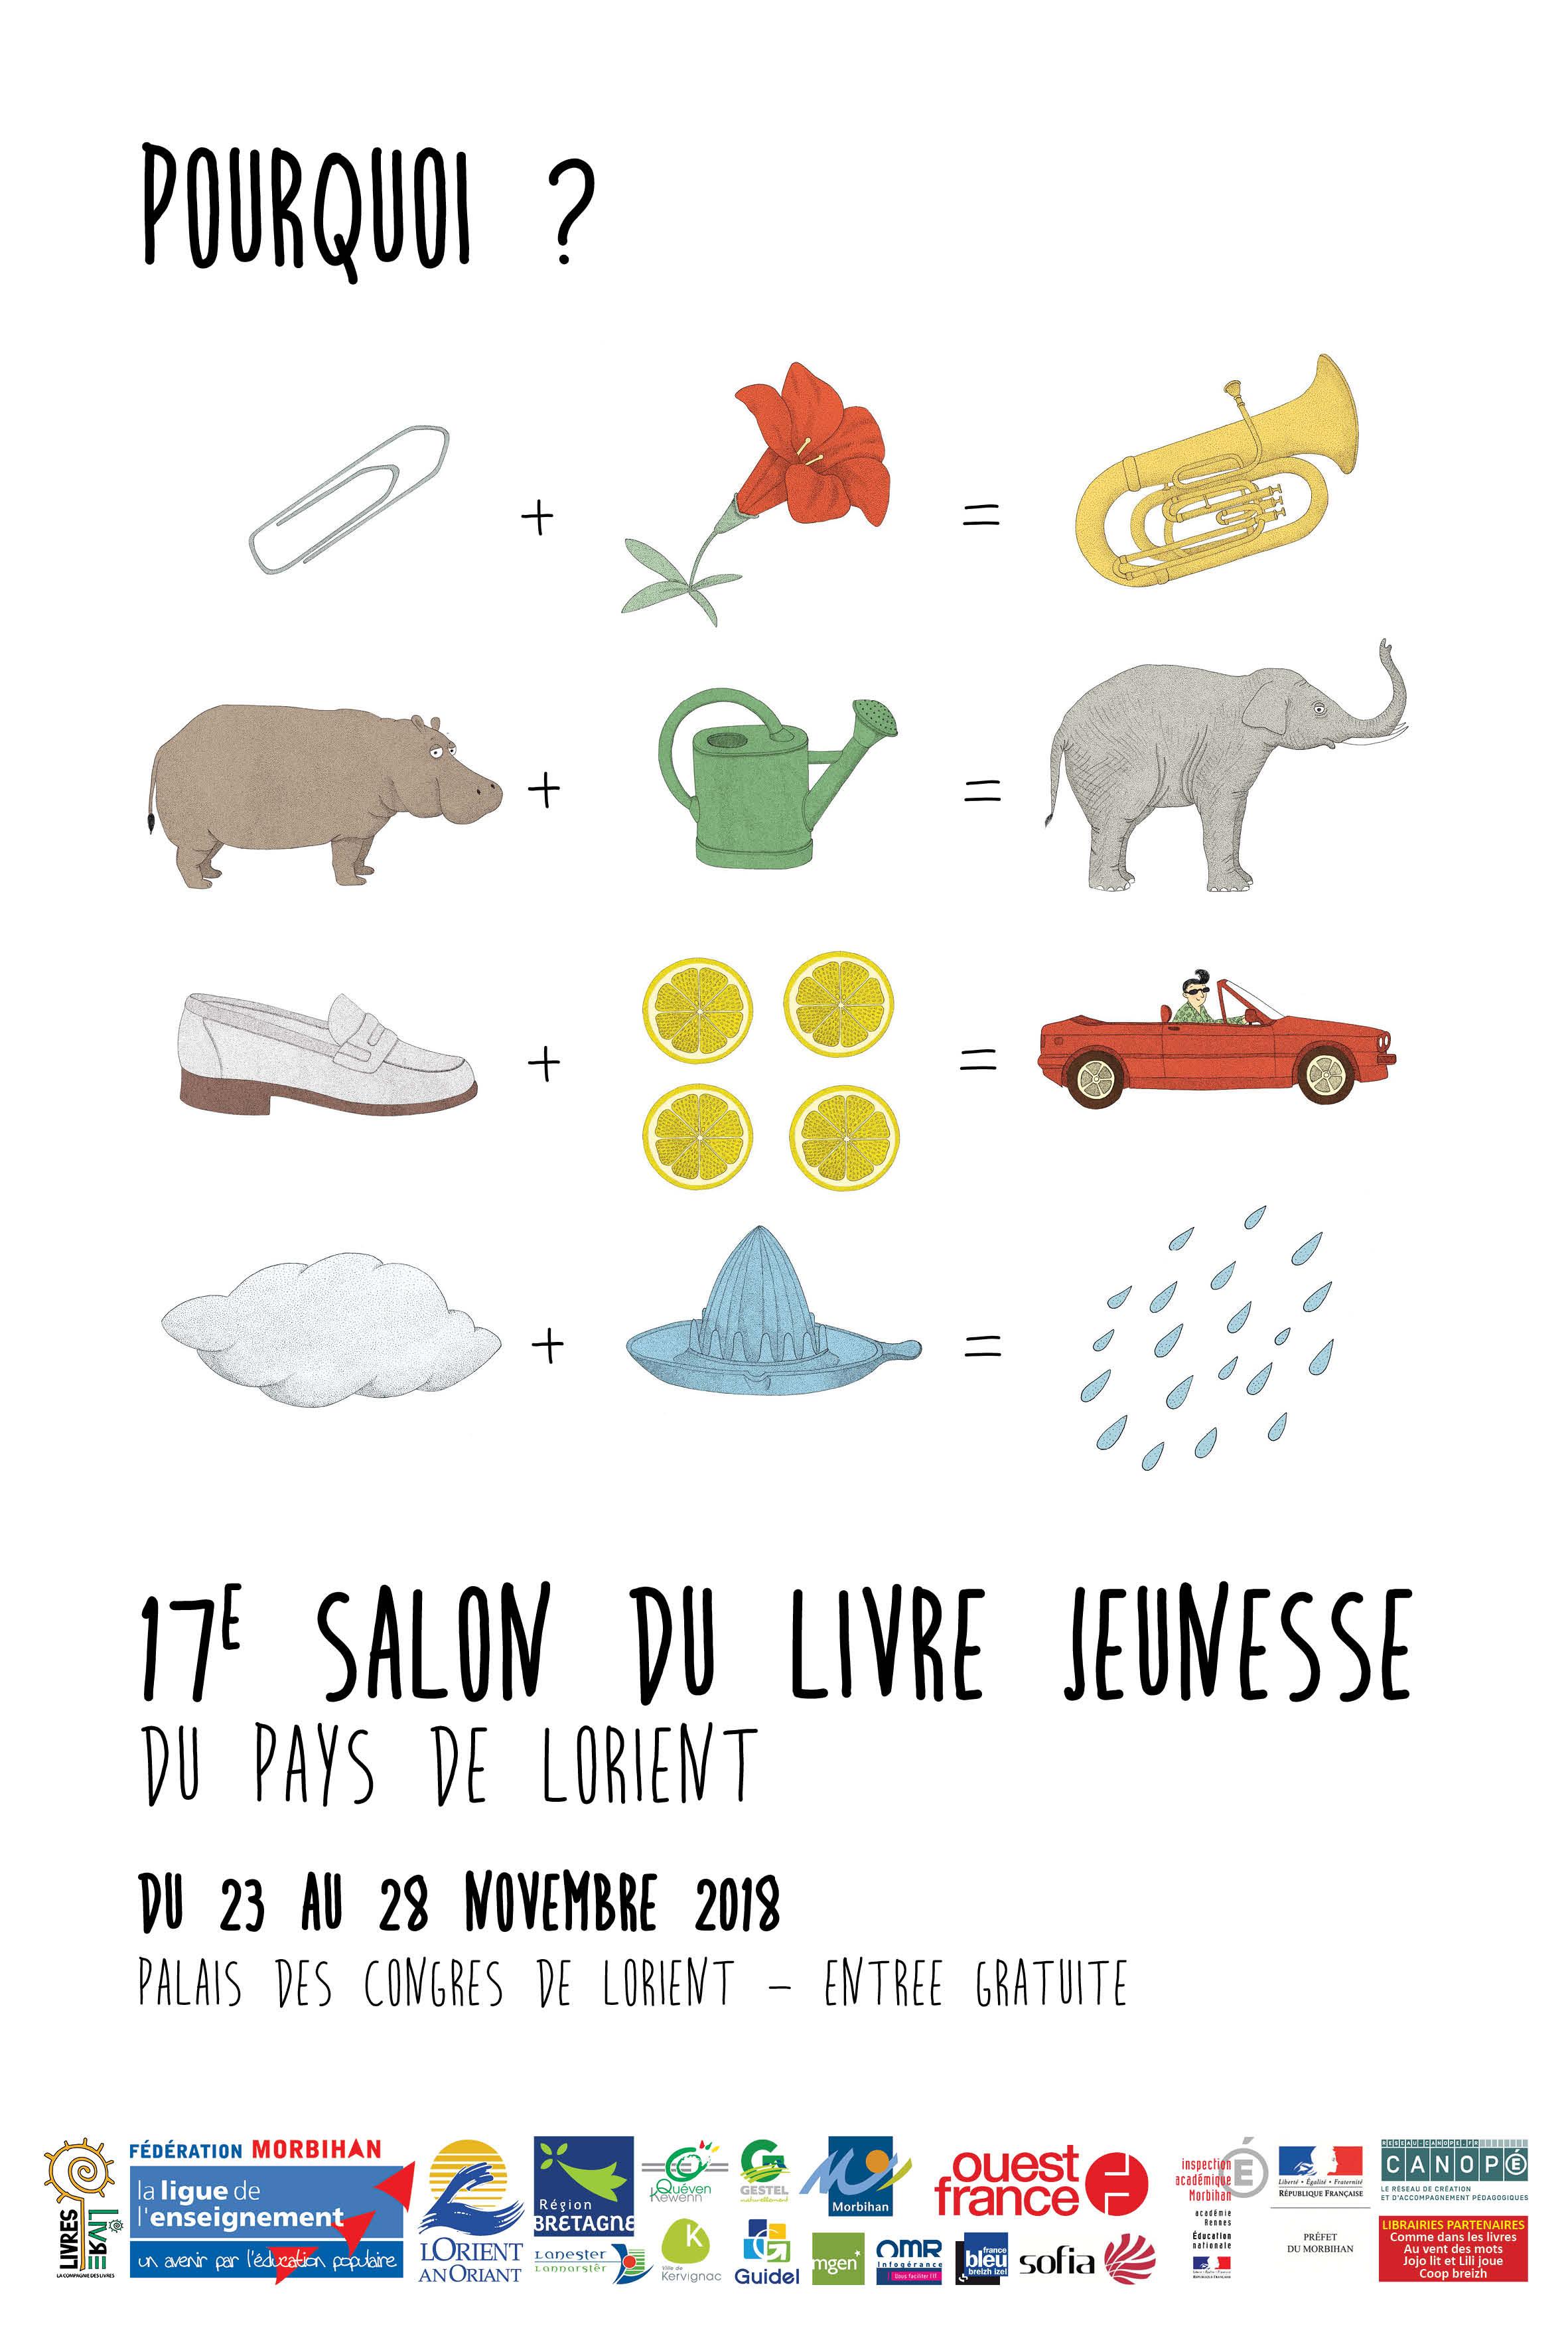 La Bibliotheque Au Salon Du Livre Jeunesse A Lorient